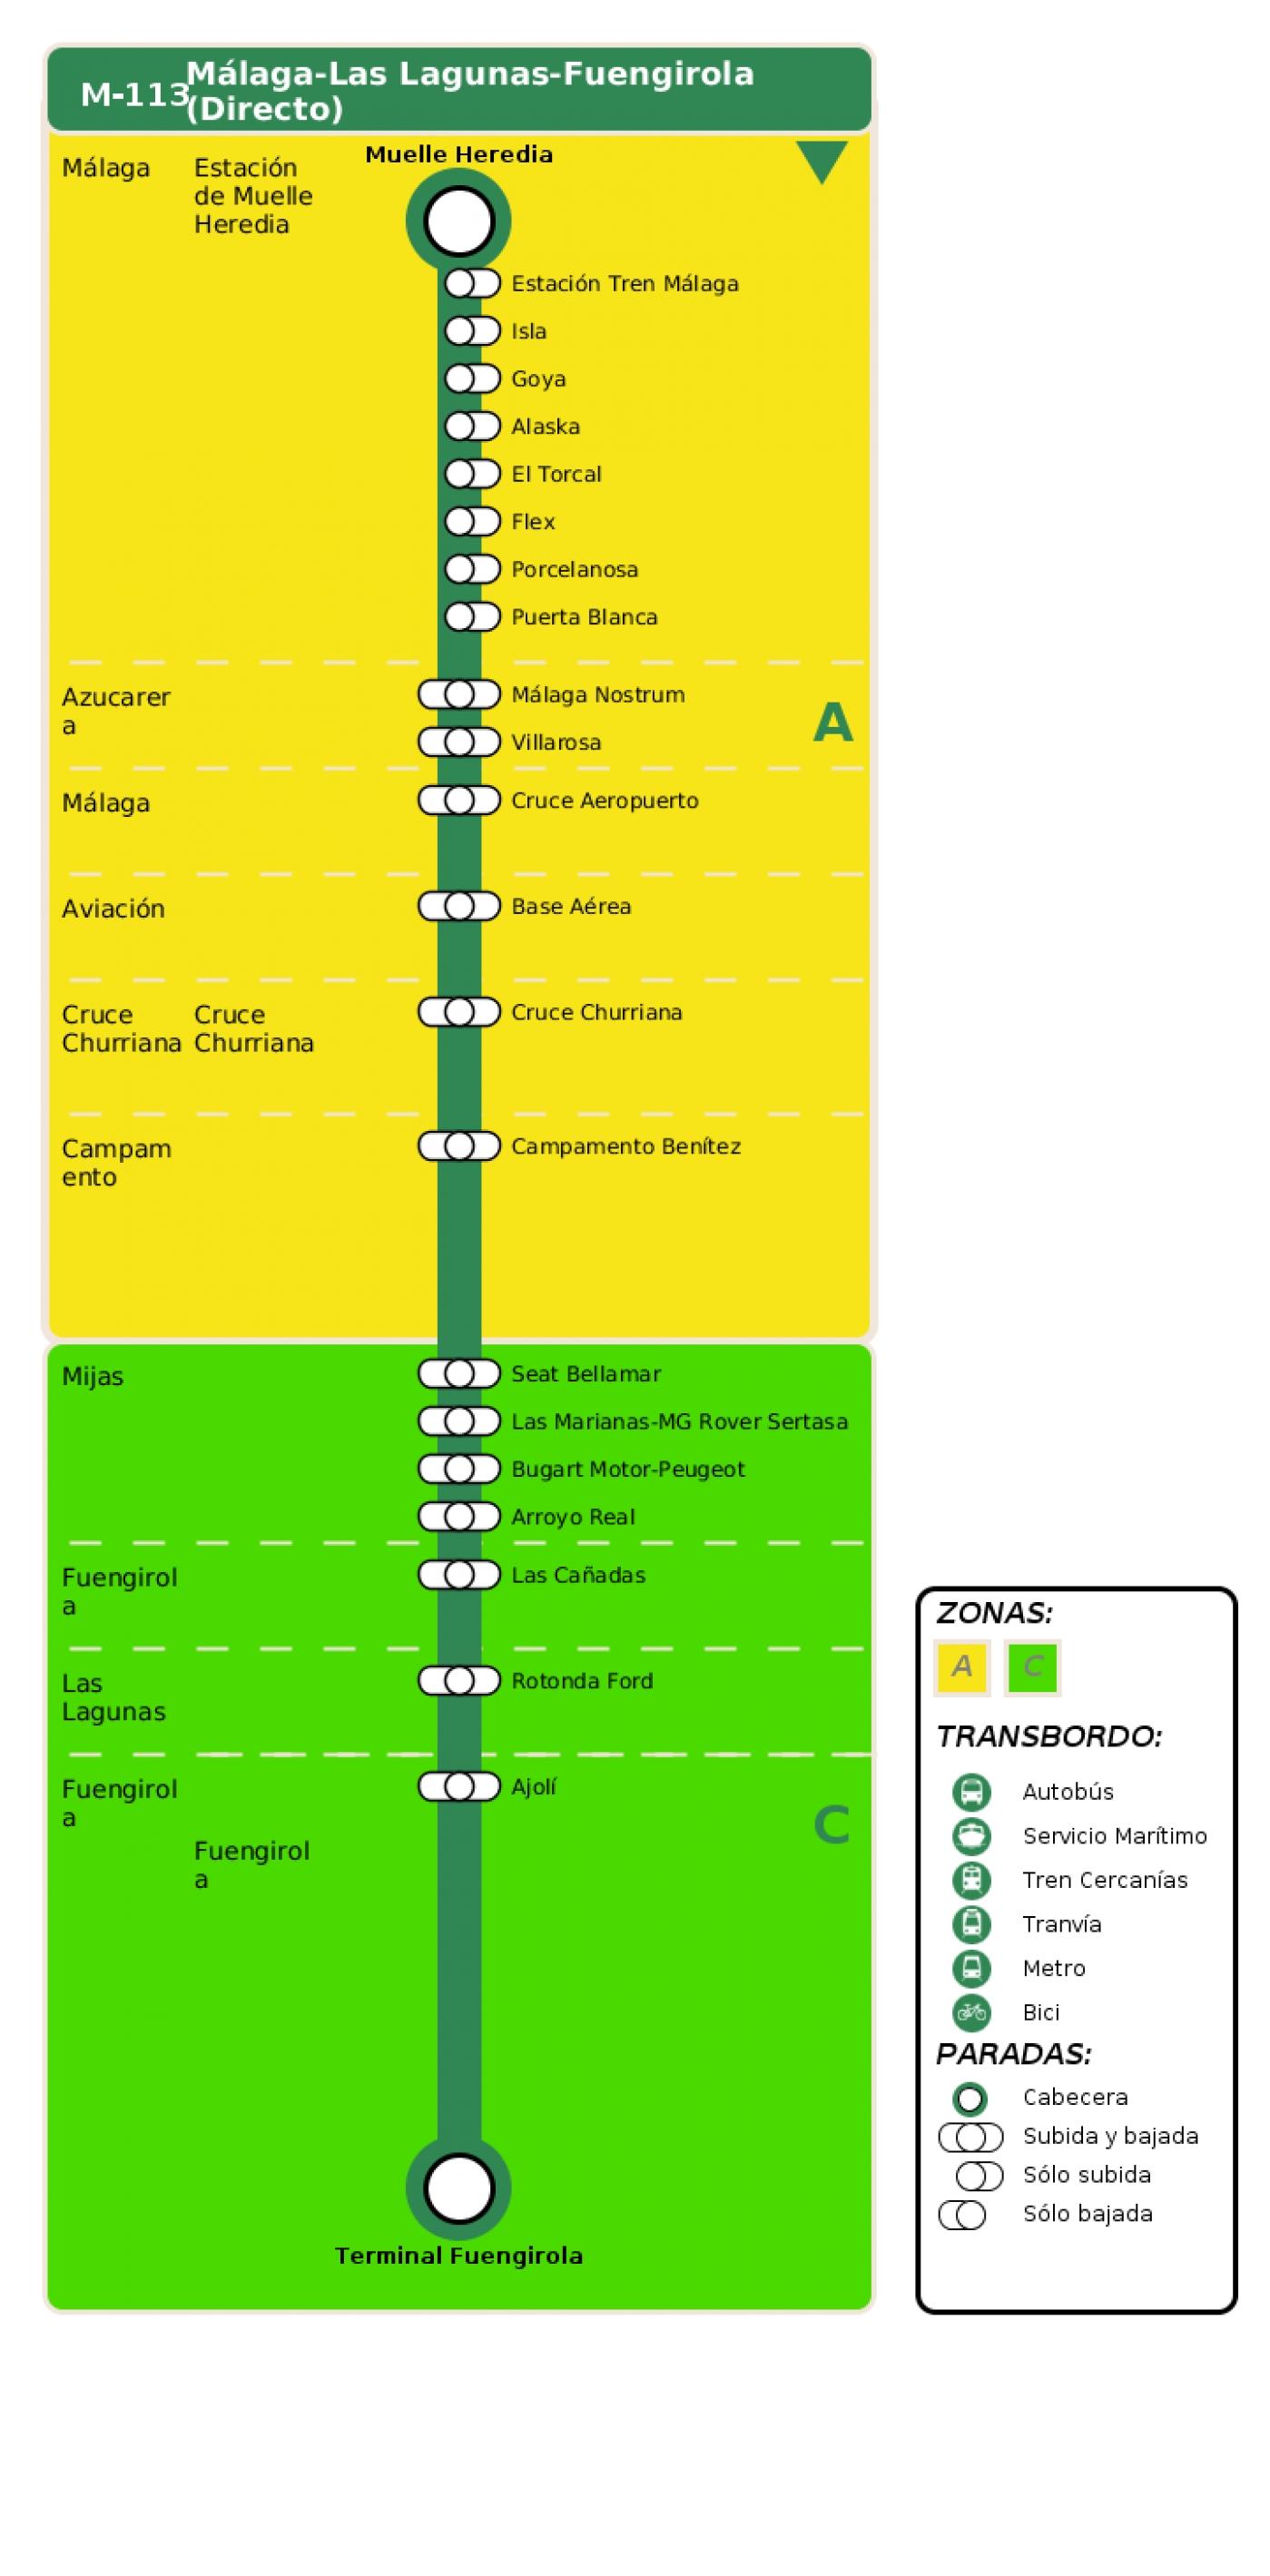 Recorrido esquemático, paradas y correspondencias en sentido ida Línea M-113: Málaga - Fuengirola - Las Lagunas